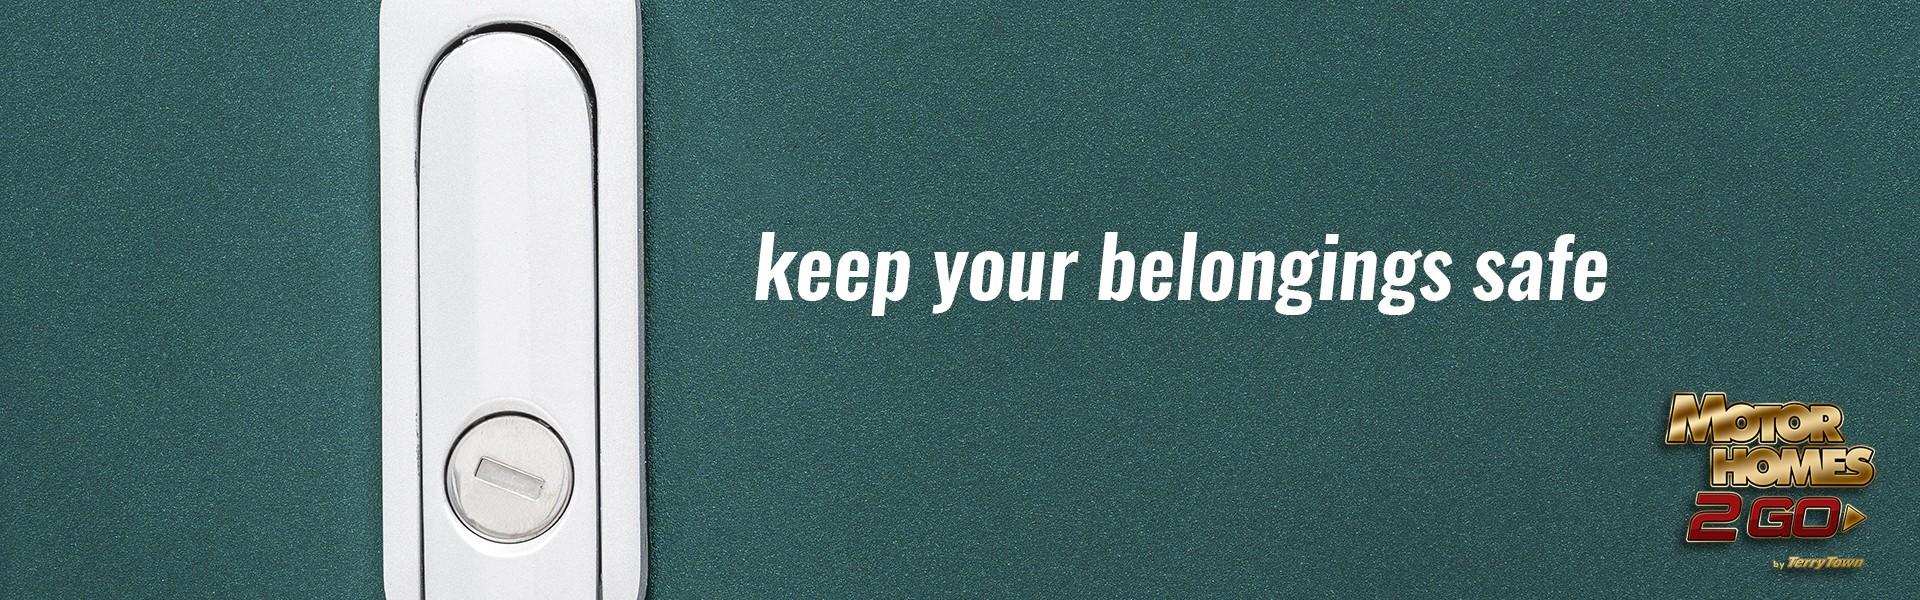 keep-your-belongings-safe-teal-rv-storage-lock